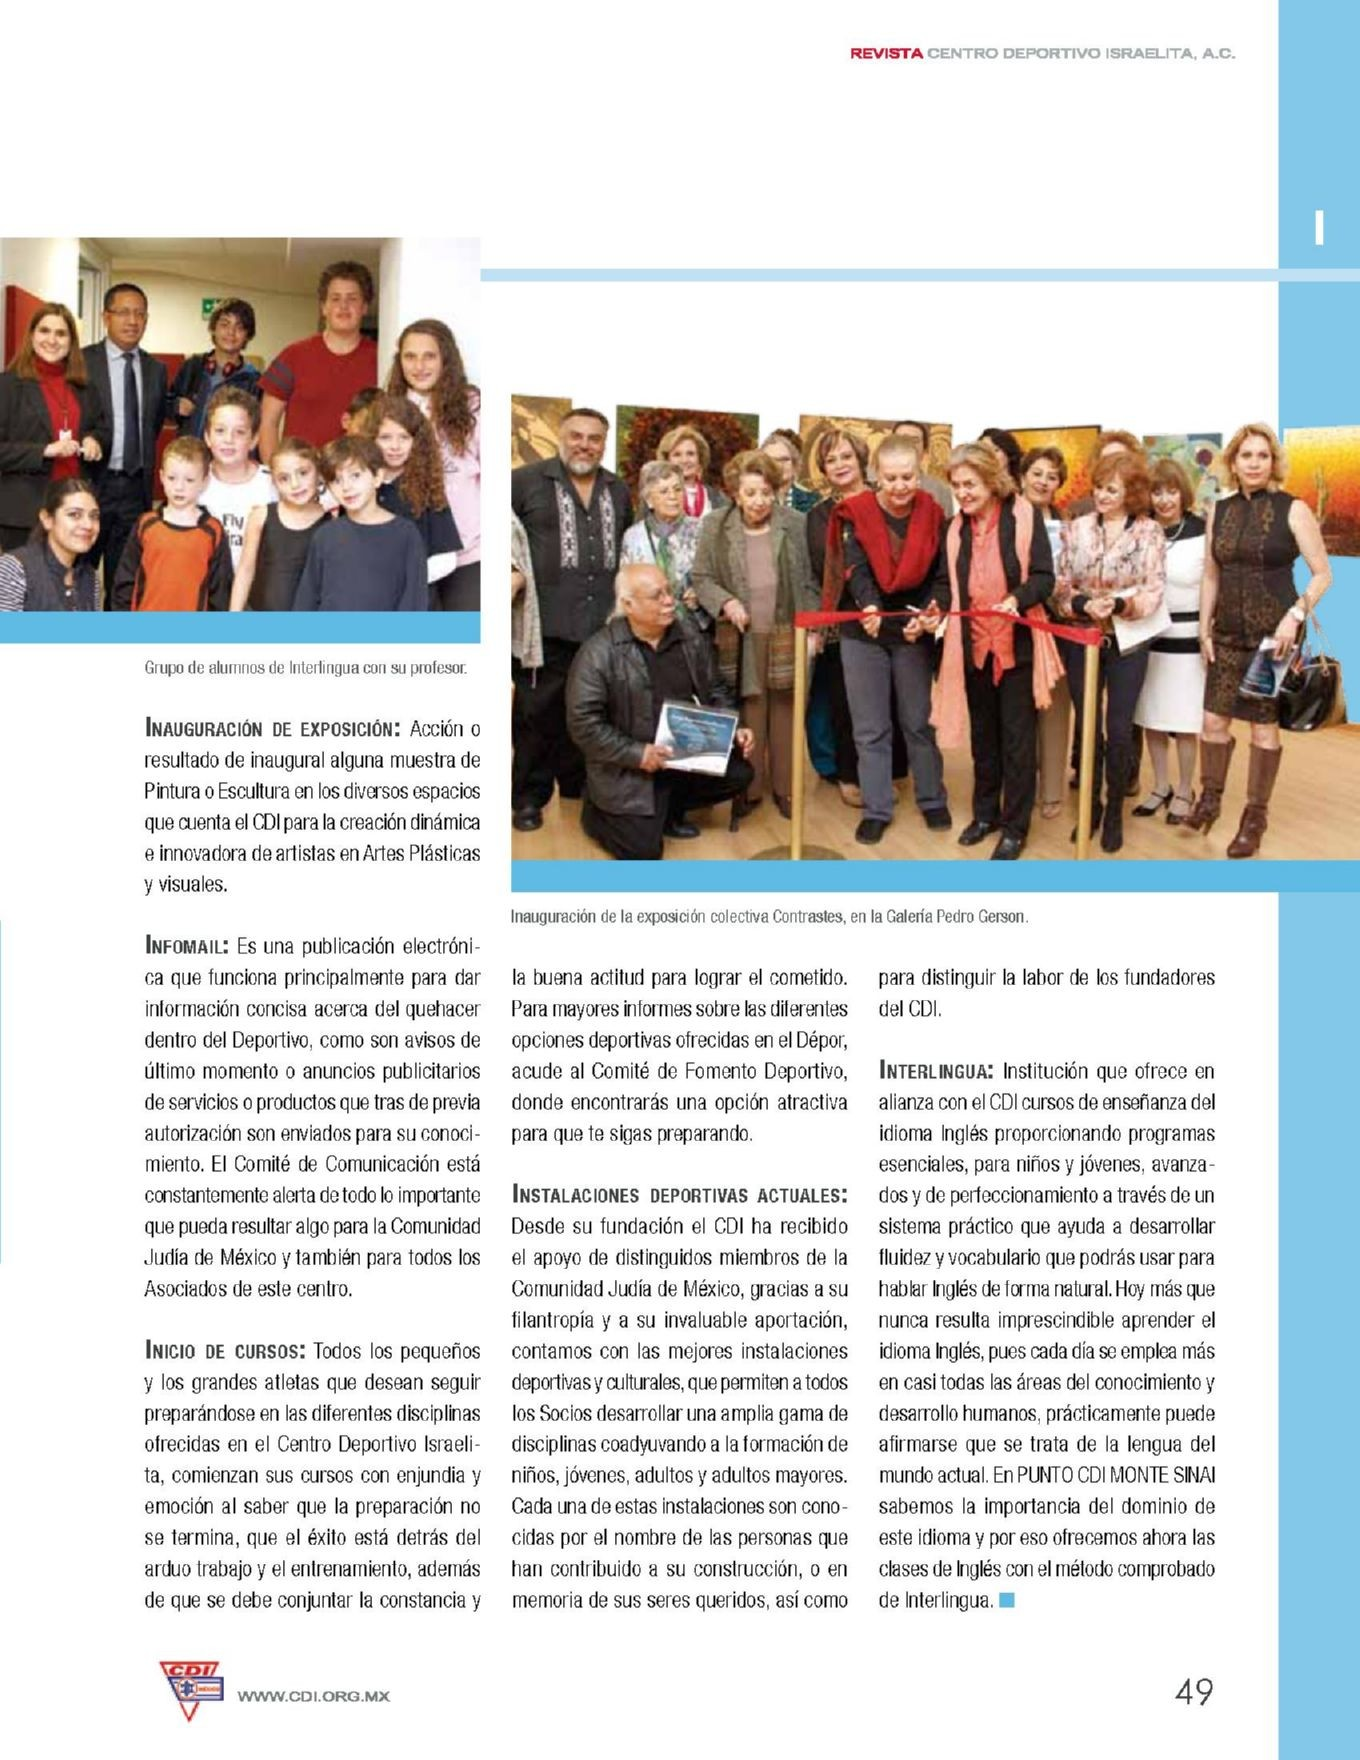 Calendario Escolar 2019 Mexico Con Dias Festivos Para Imprimir Más Arriba-a-fecha Revista Septiembre 2015 Pages 51 100 Text Version